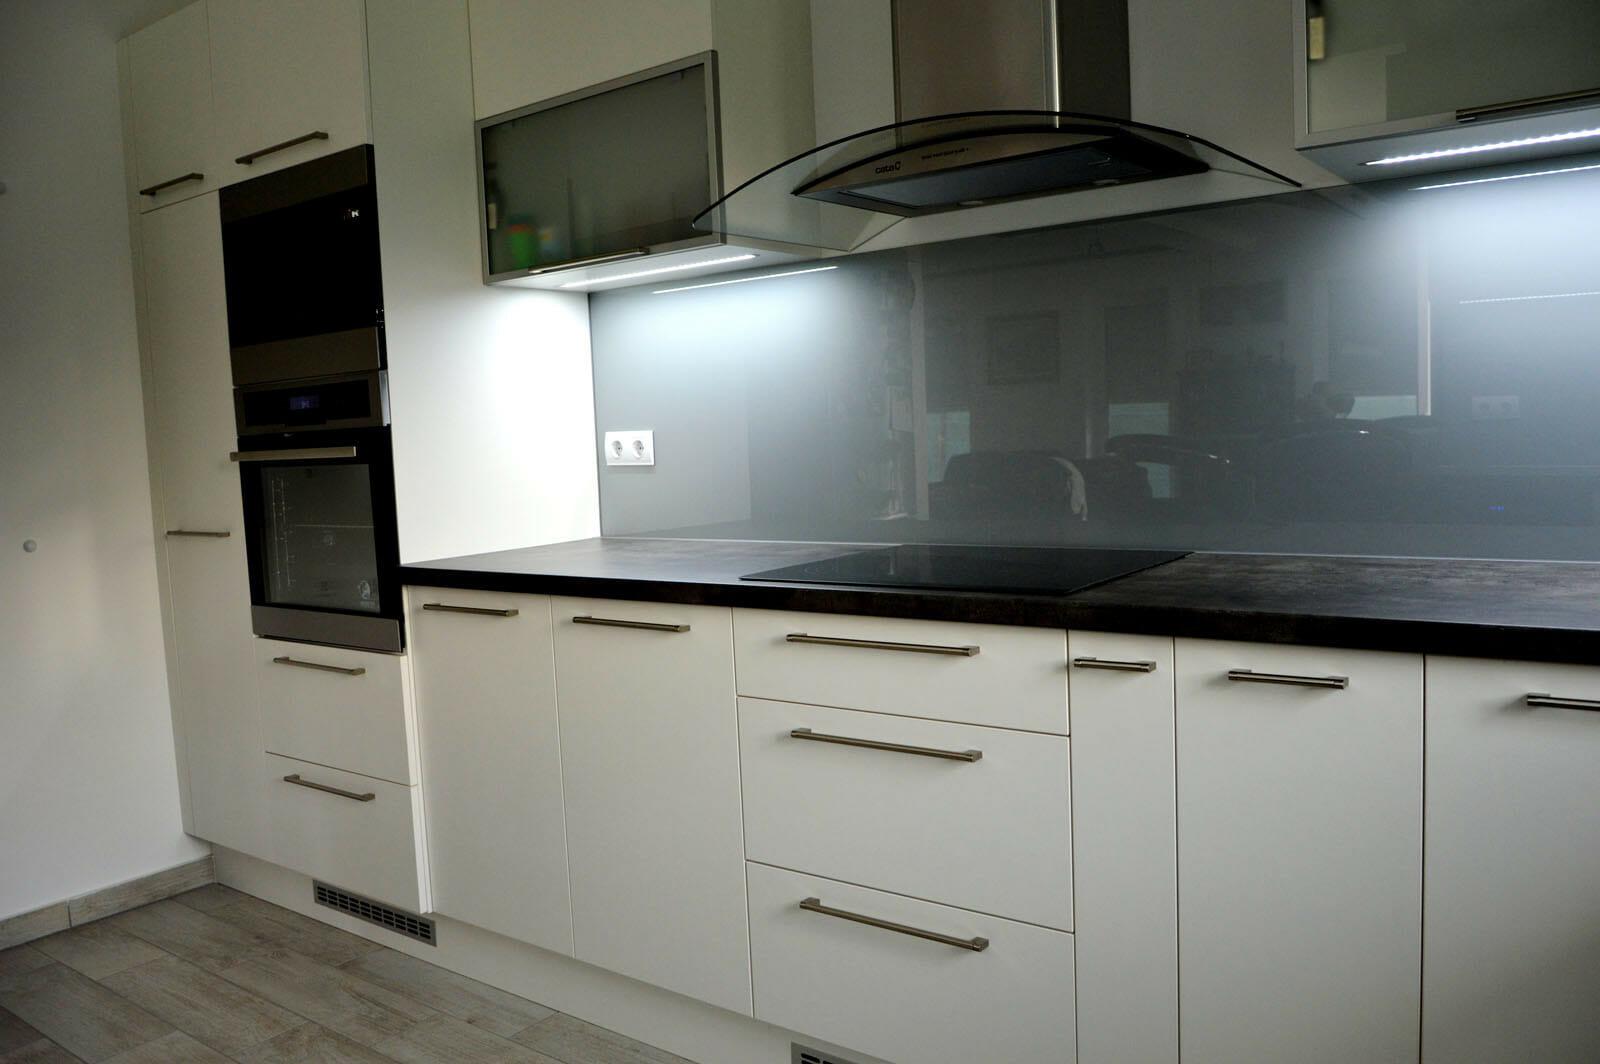 Modern - egyedi konyhabútor fehér - szürke színben, üveghátlappal, rejtett LED világítással, beépített konyhai gépekkel